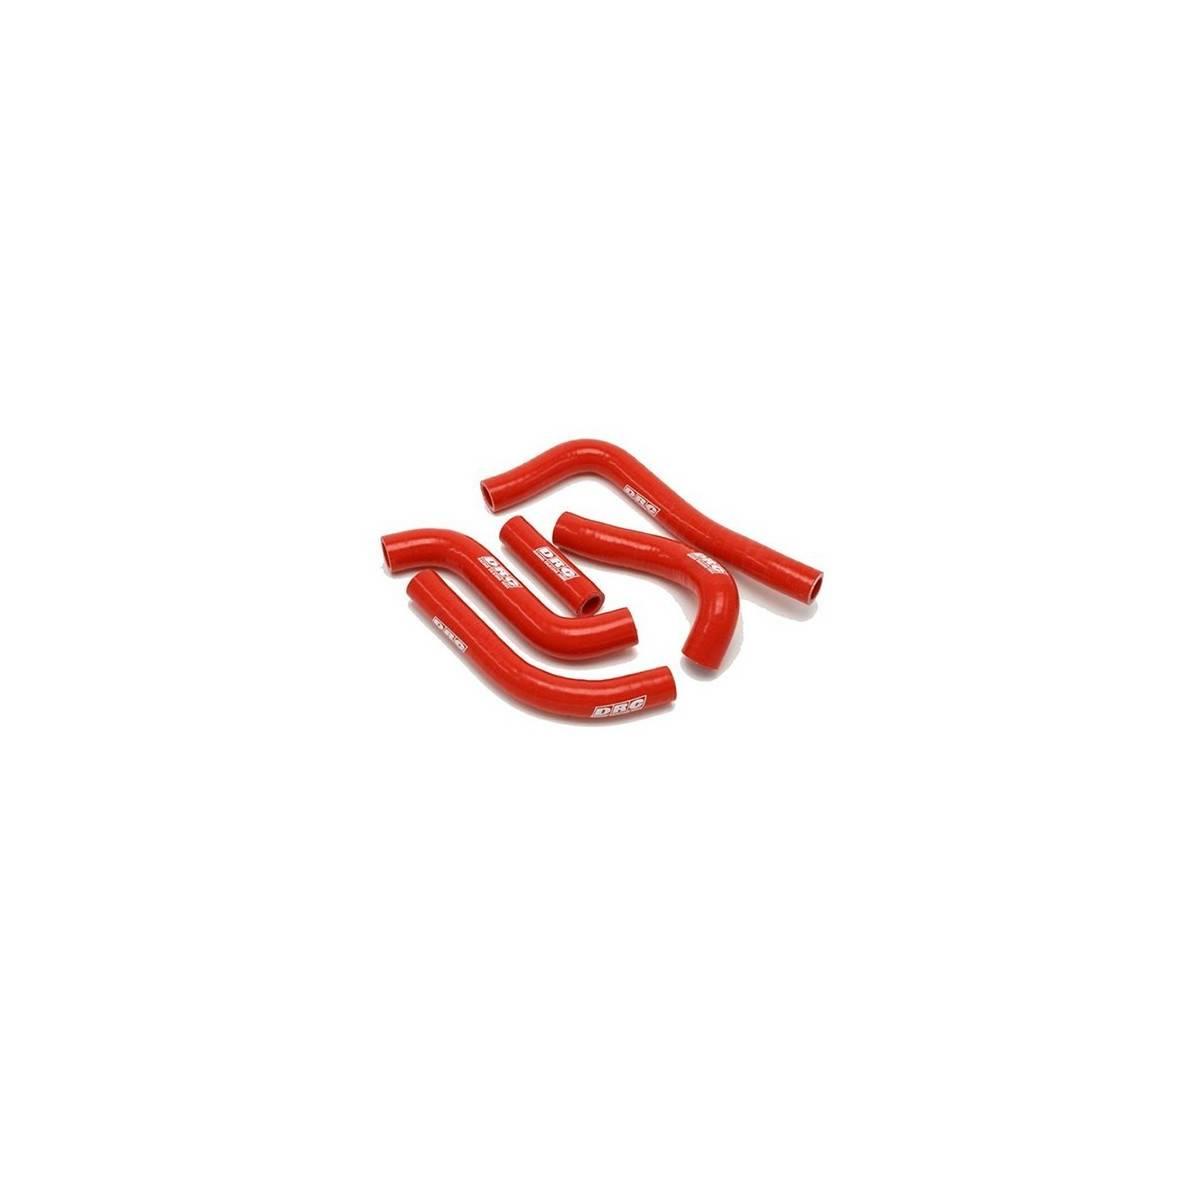 D47.01.593 - Kit Manguitos Radiador Suzuki Rmz450´15 Rojo